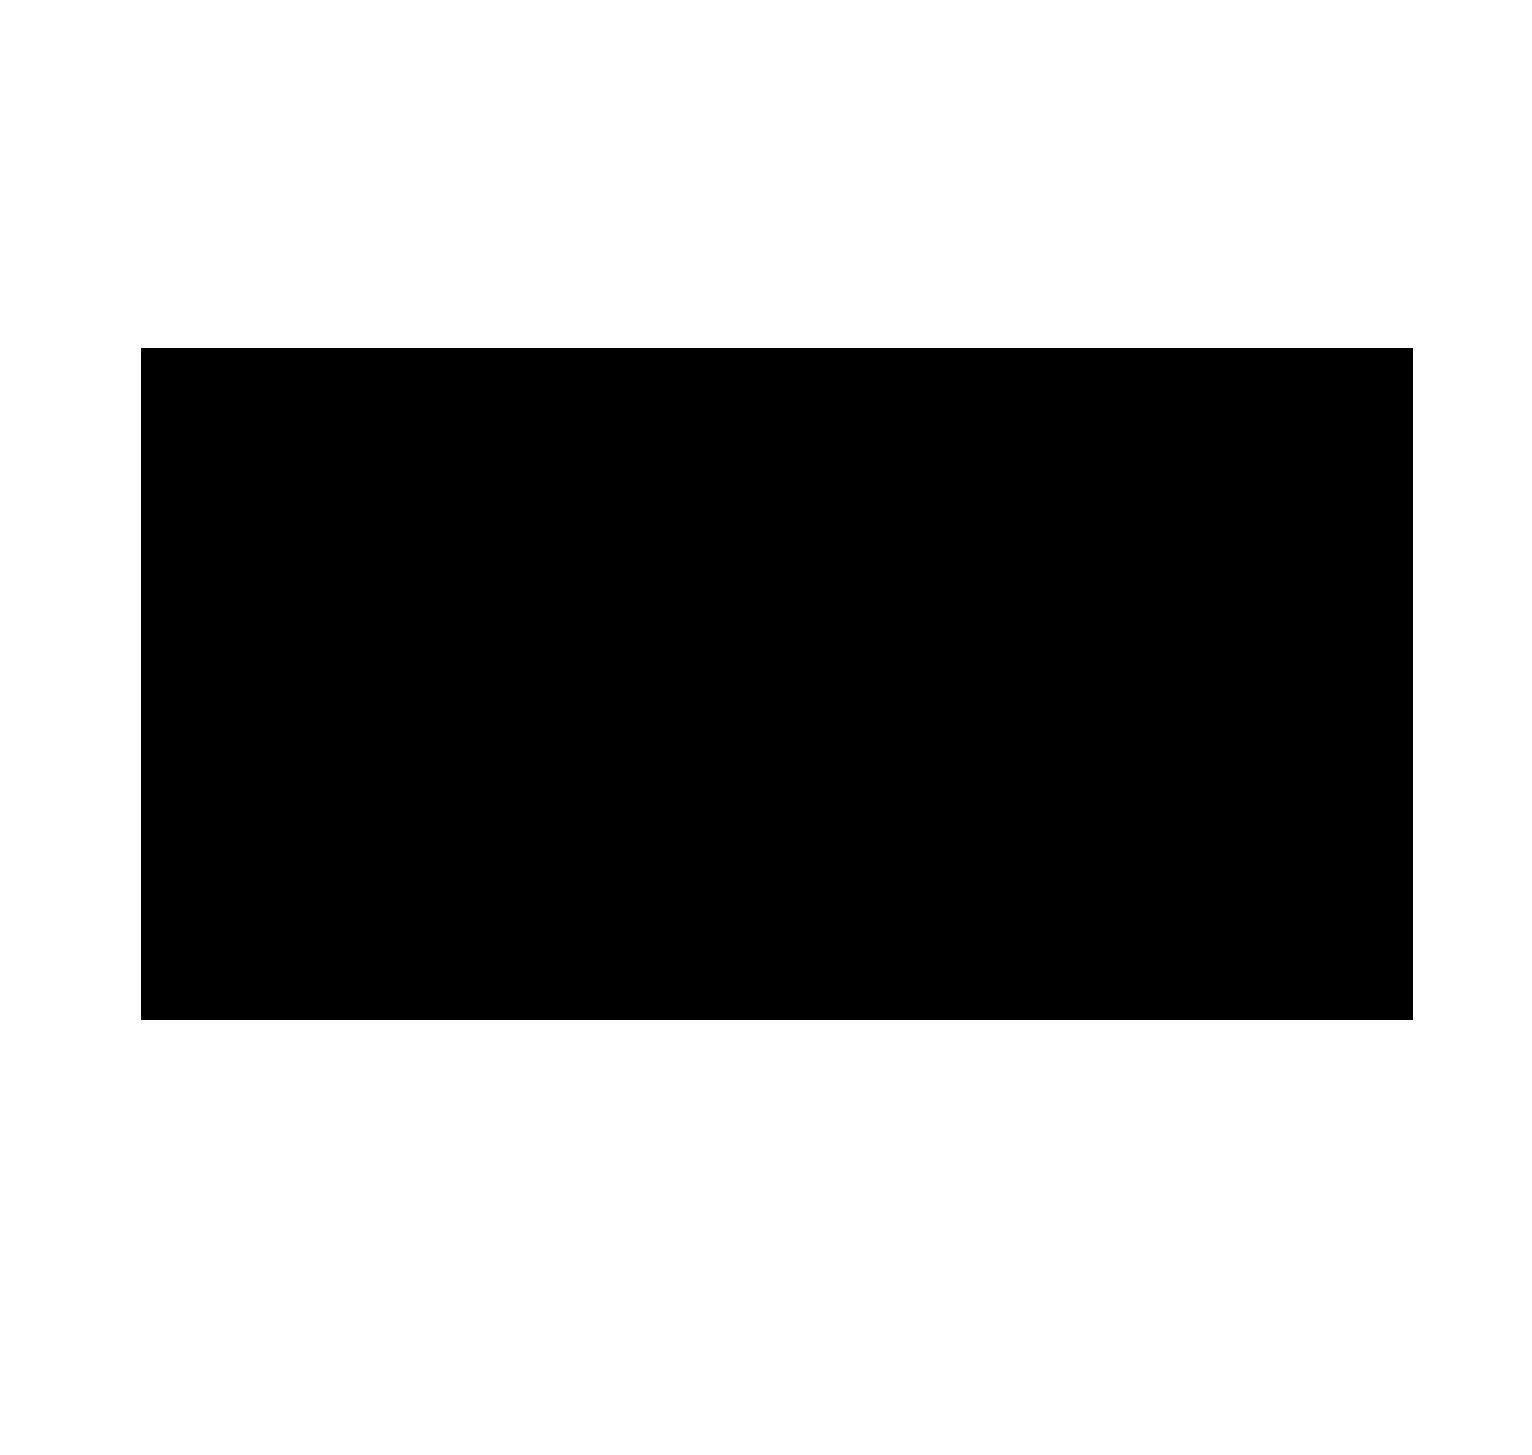 TEFAF Online logo 2020_black